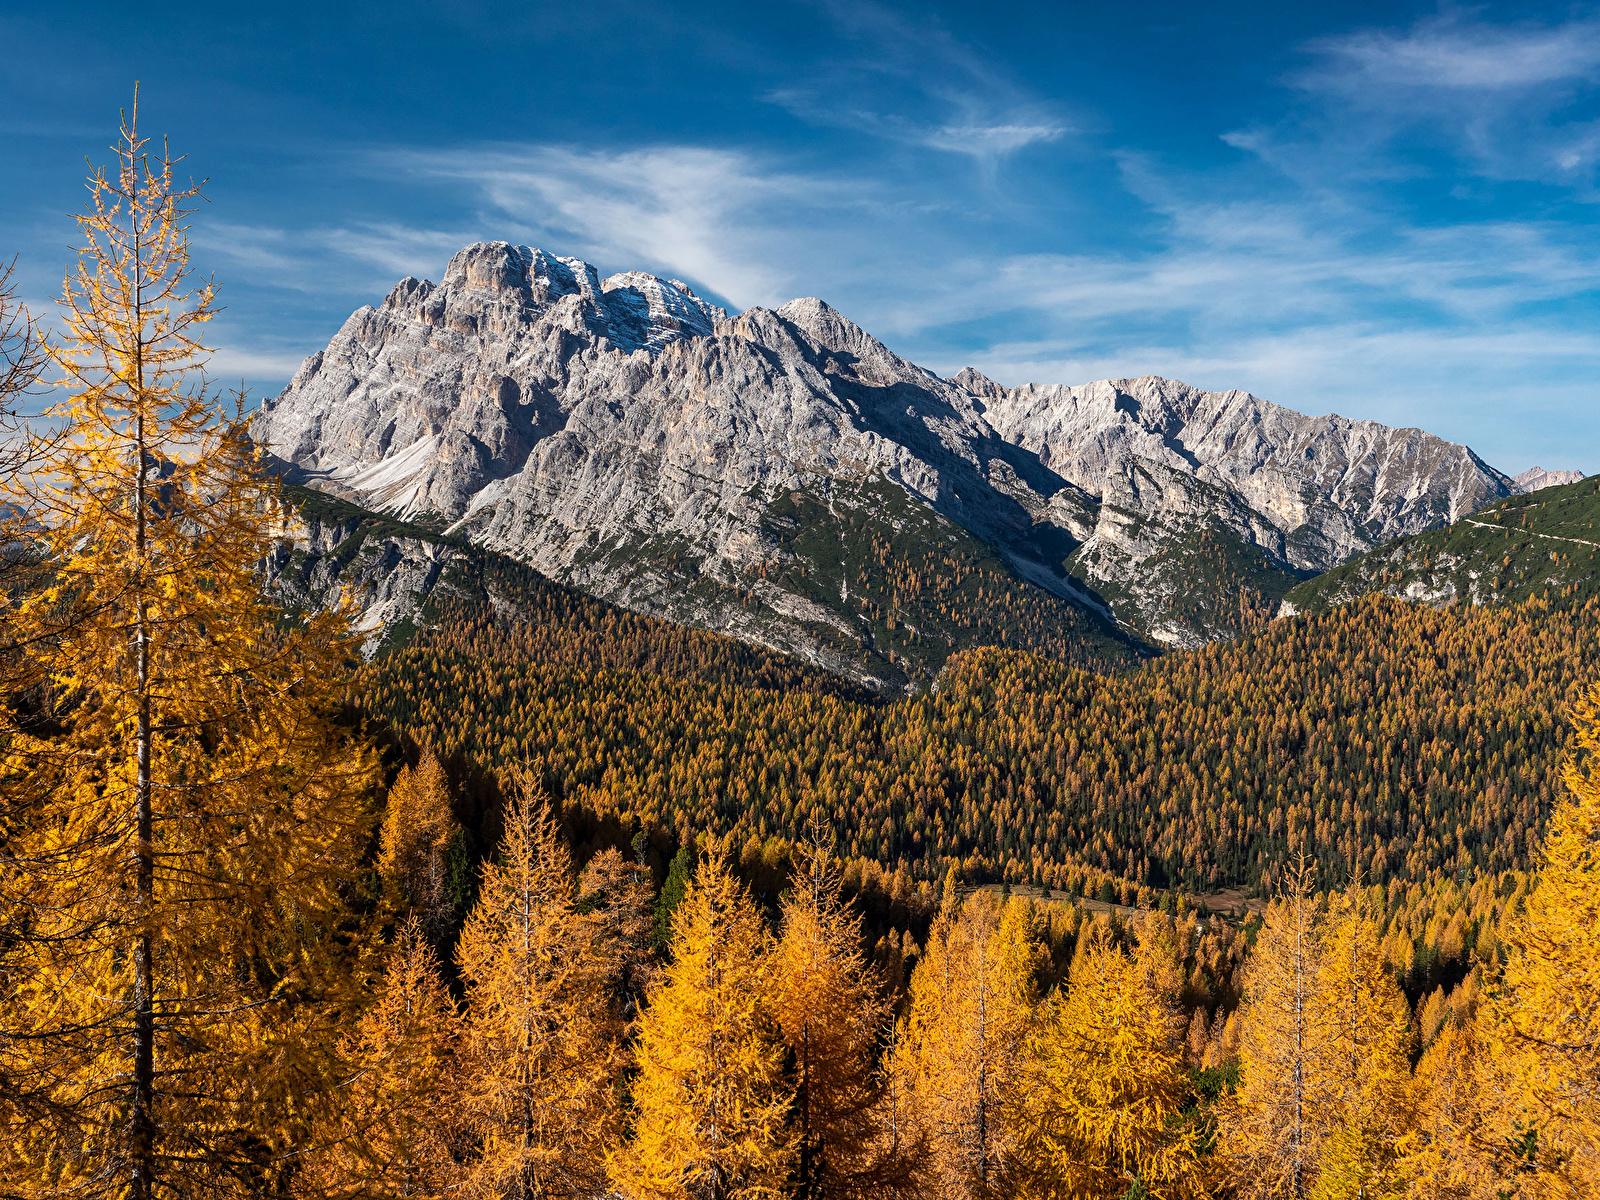 Фотографии Альпы Германия Горы Осень Природа лес мха 1600x1200 альп гора осенние Леса Мох мхом